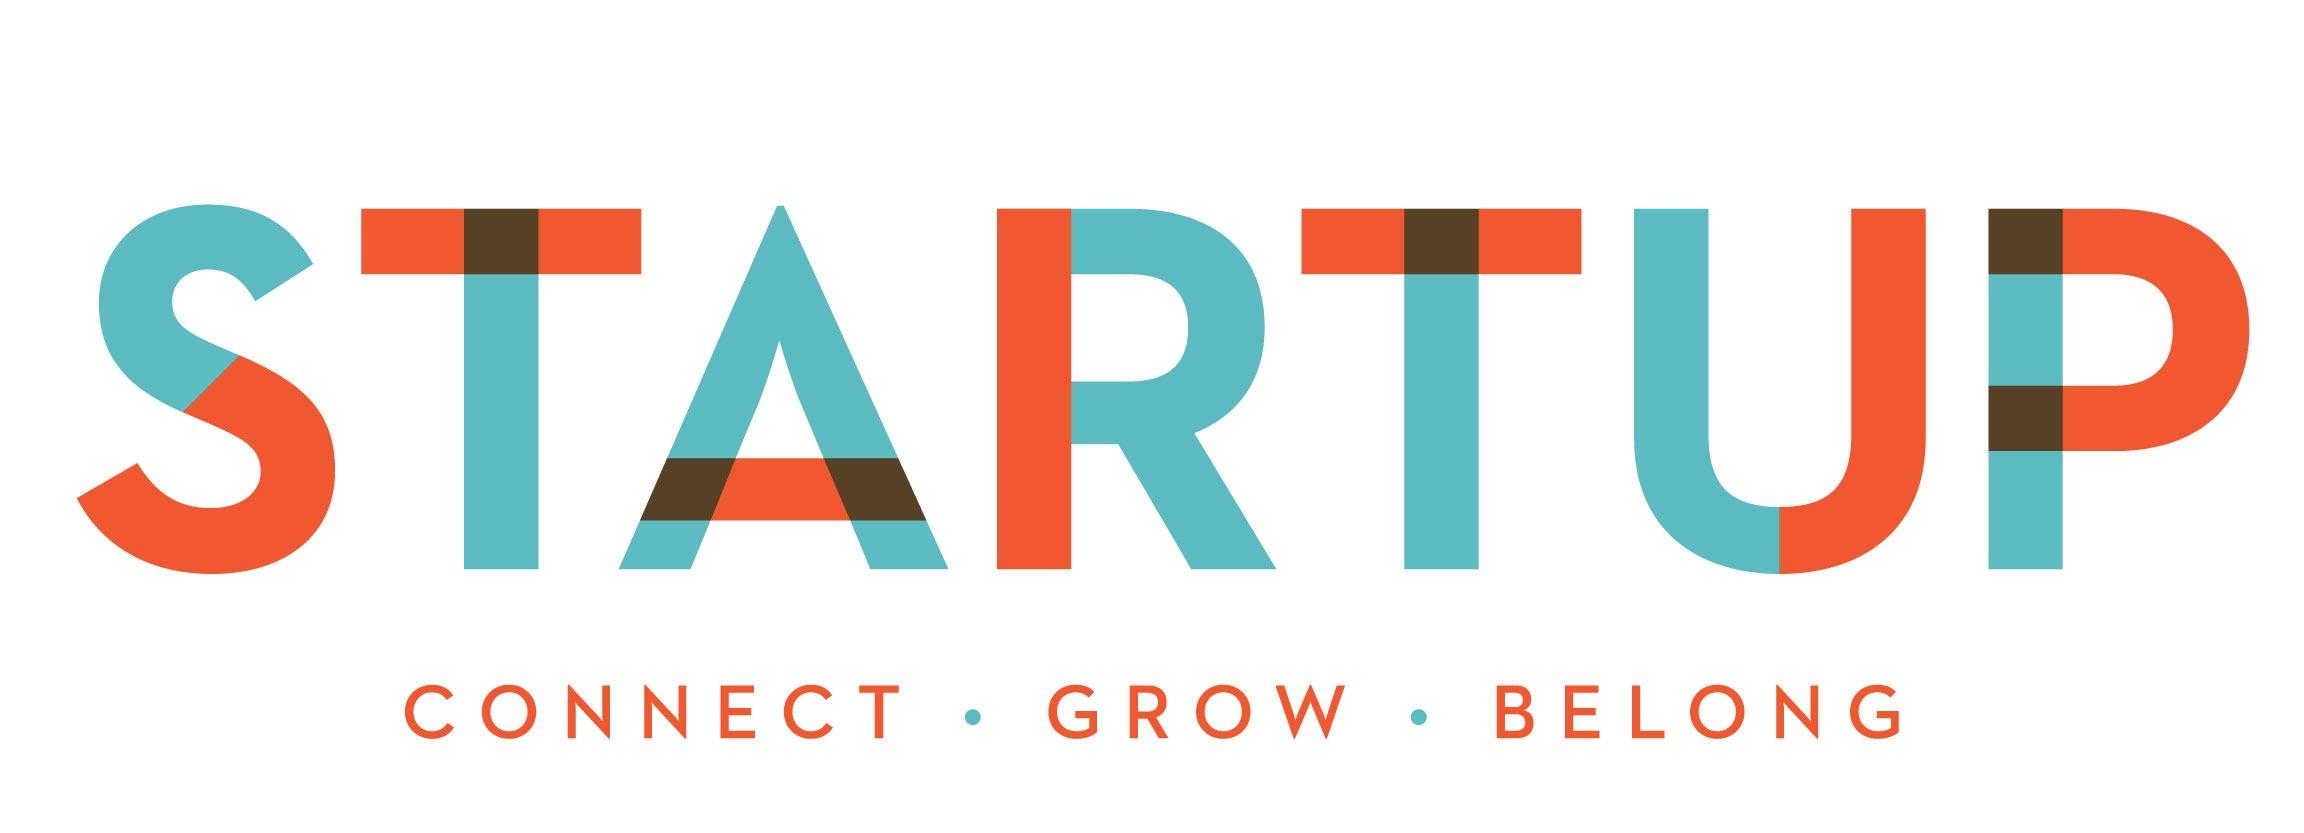 STARTUP 2015_ONLINE FORMATS_Website Post-other Banner